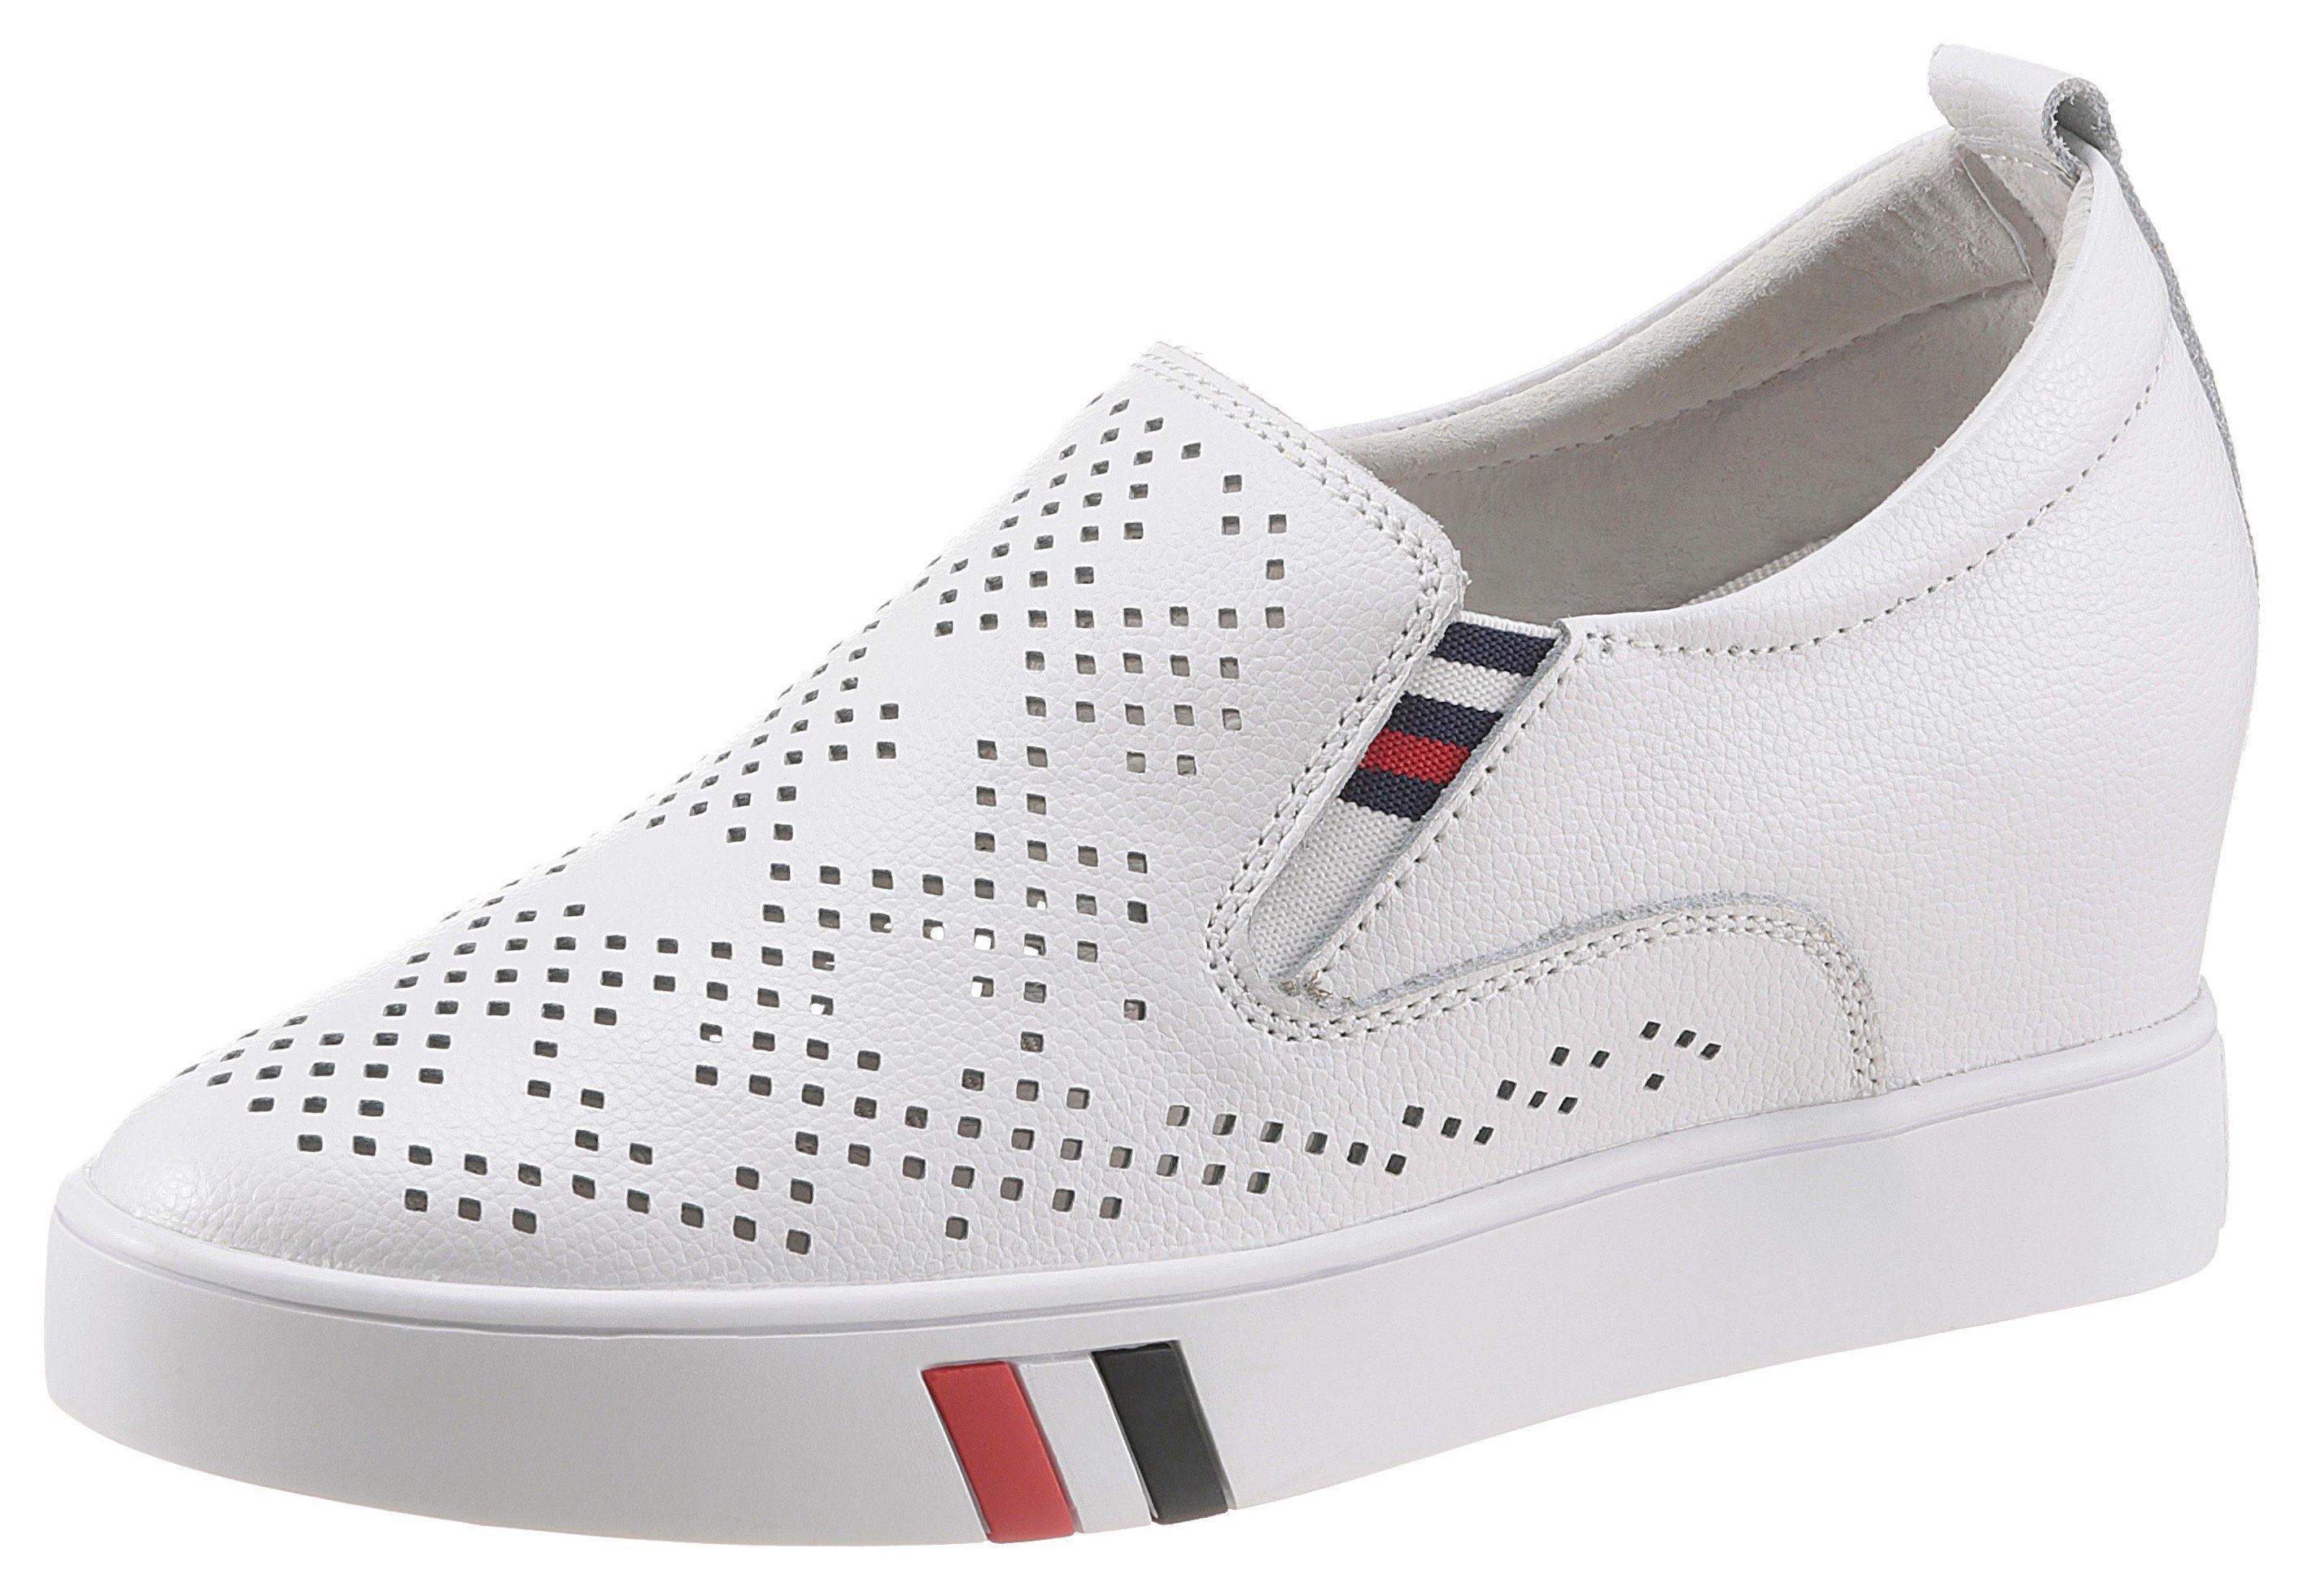 COSMOS Comfort sneakers met sleehak met stretchinzetten opzij goedkoop op otto.nl kopen